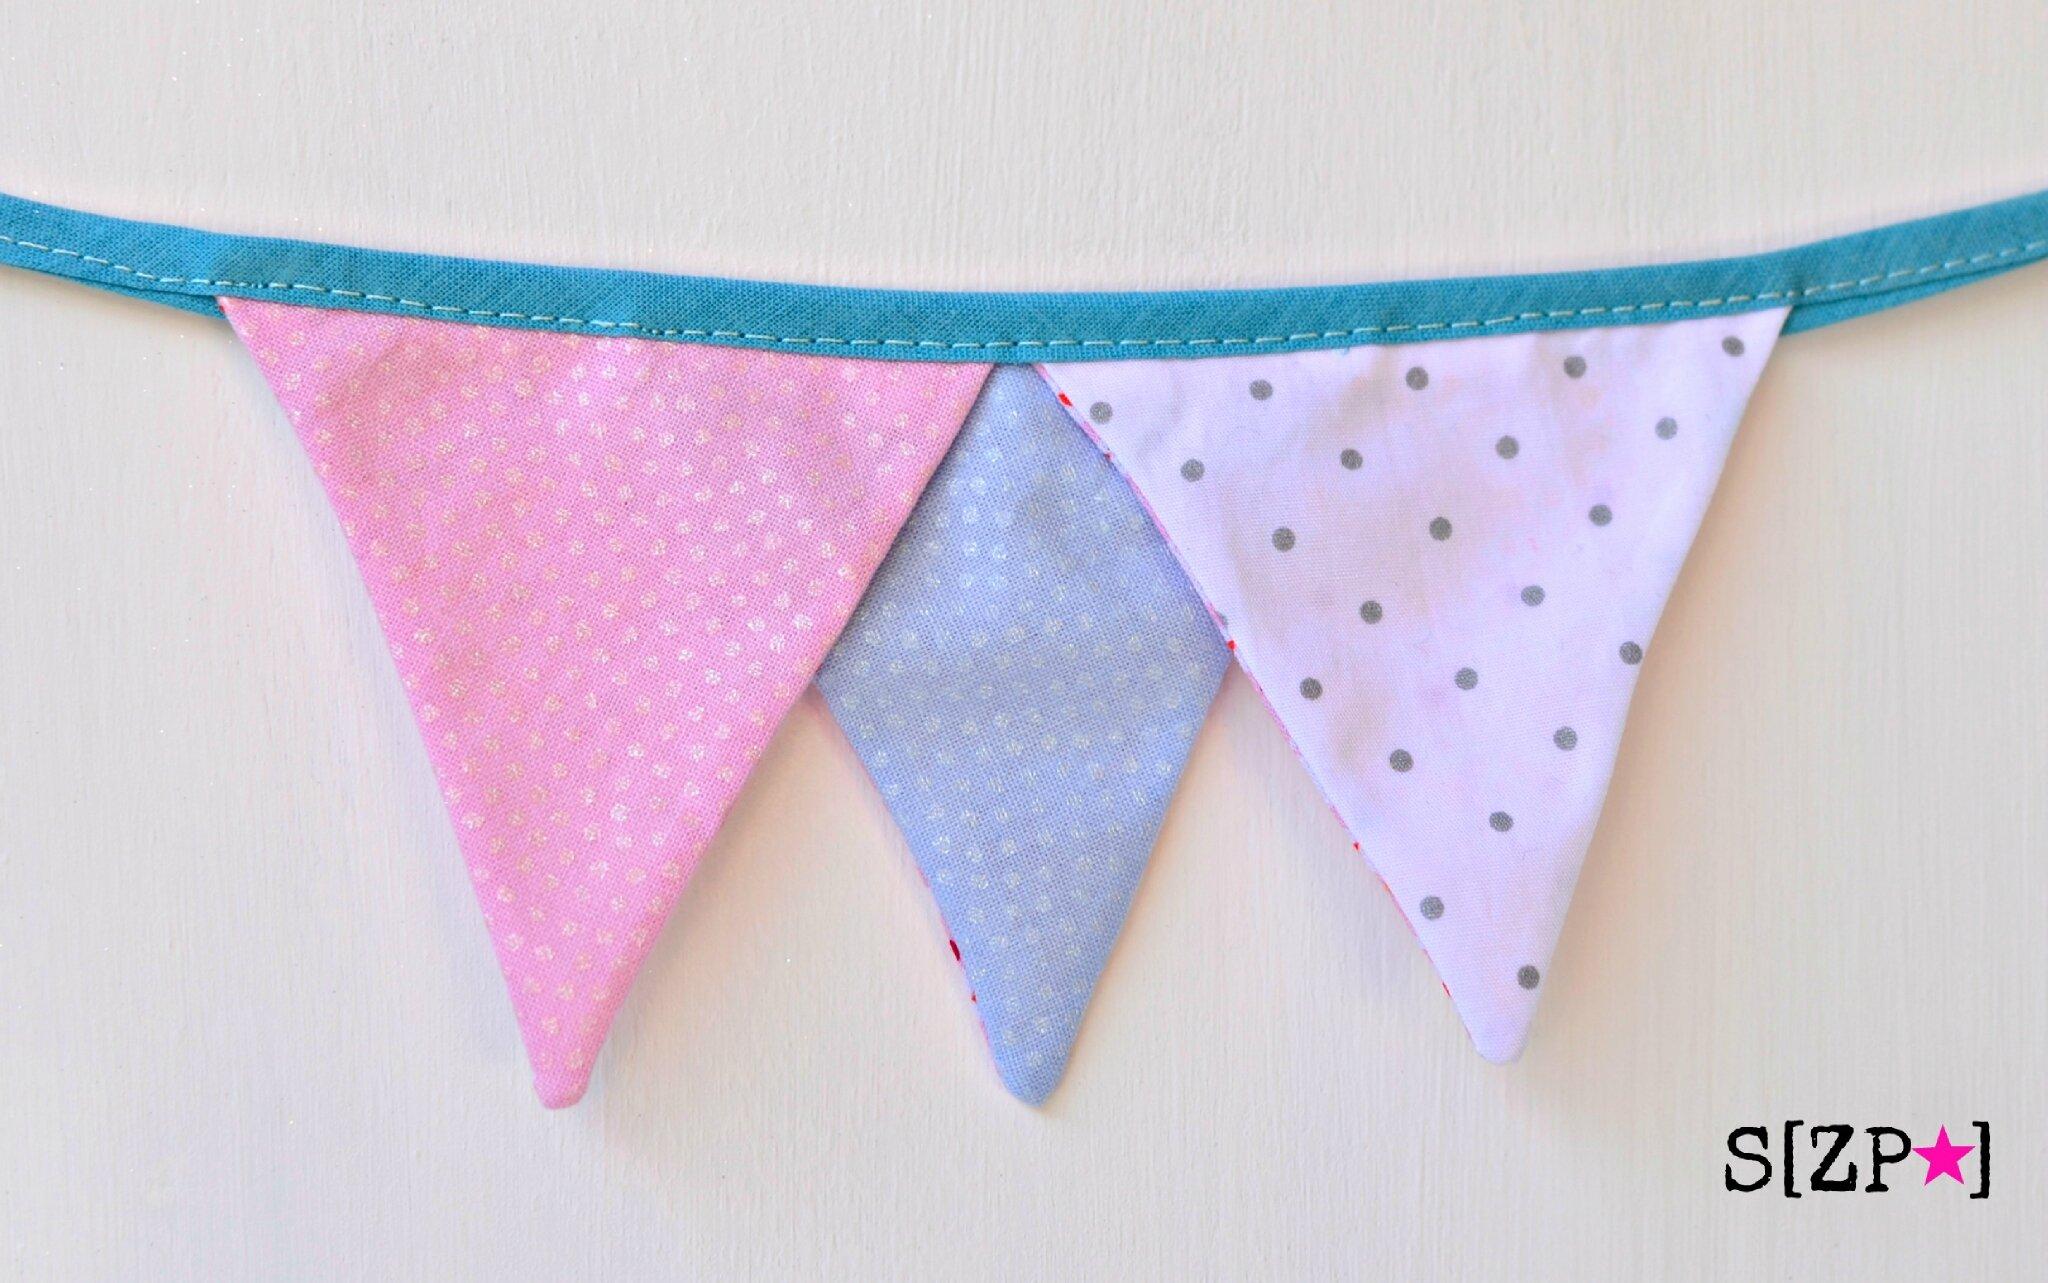 petite guirlande de mini fanions rose bleu et blanc pois argent, décoration chambre d'enfant fille